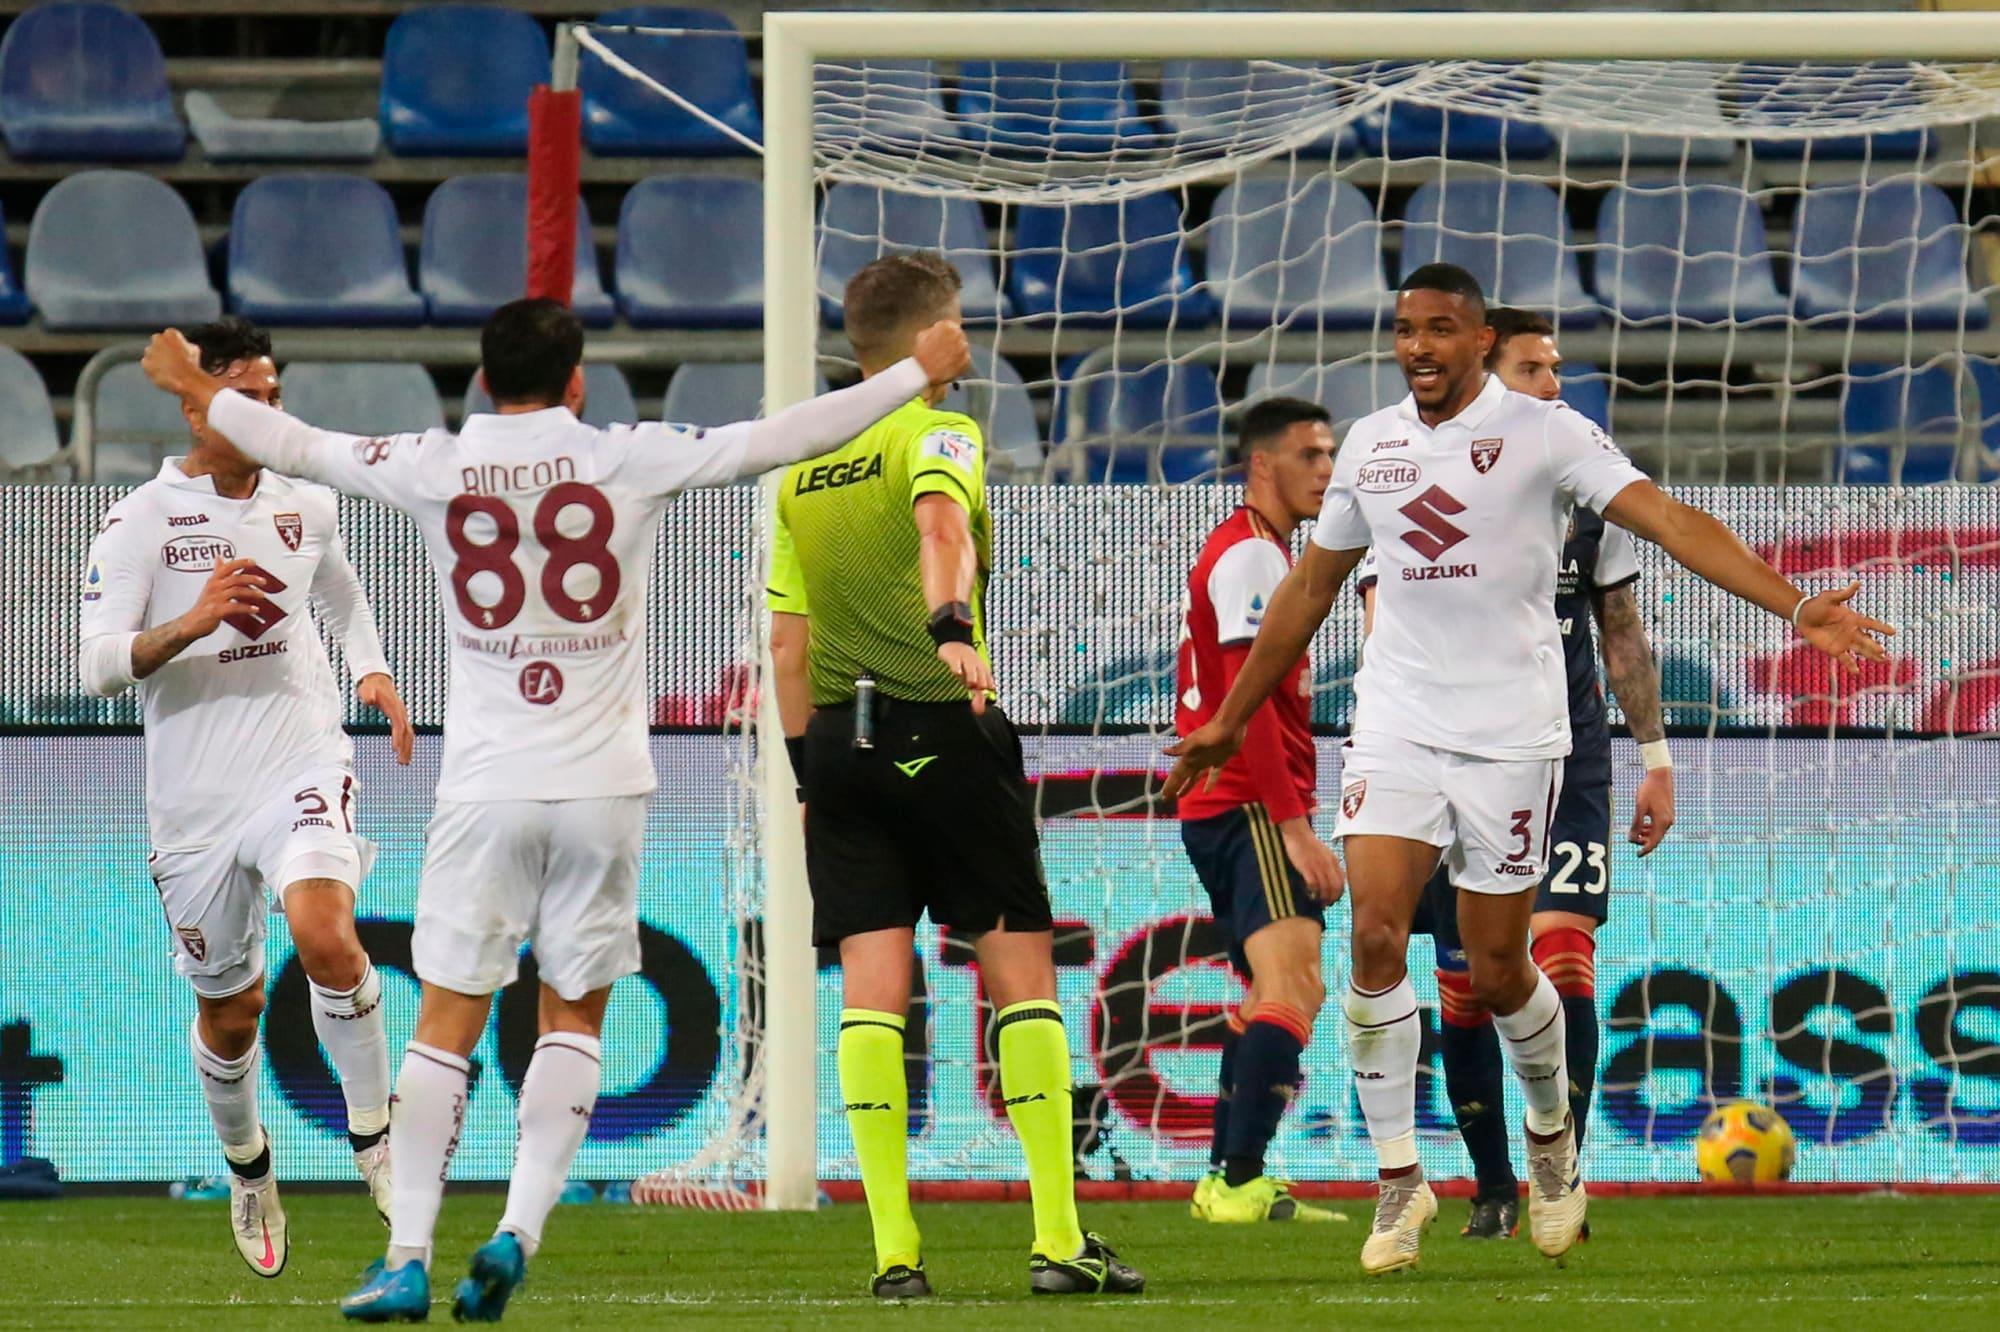 Bremer, urlo Torino! Nicola manda il Cagliari ko